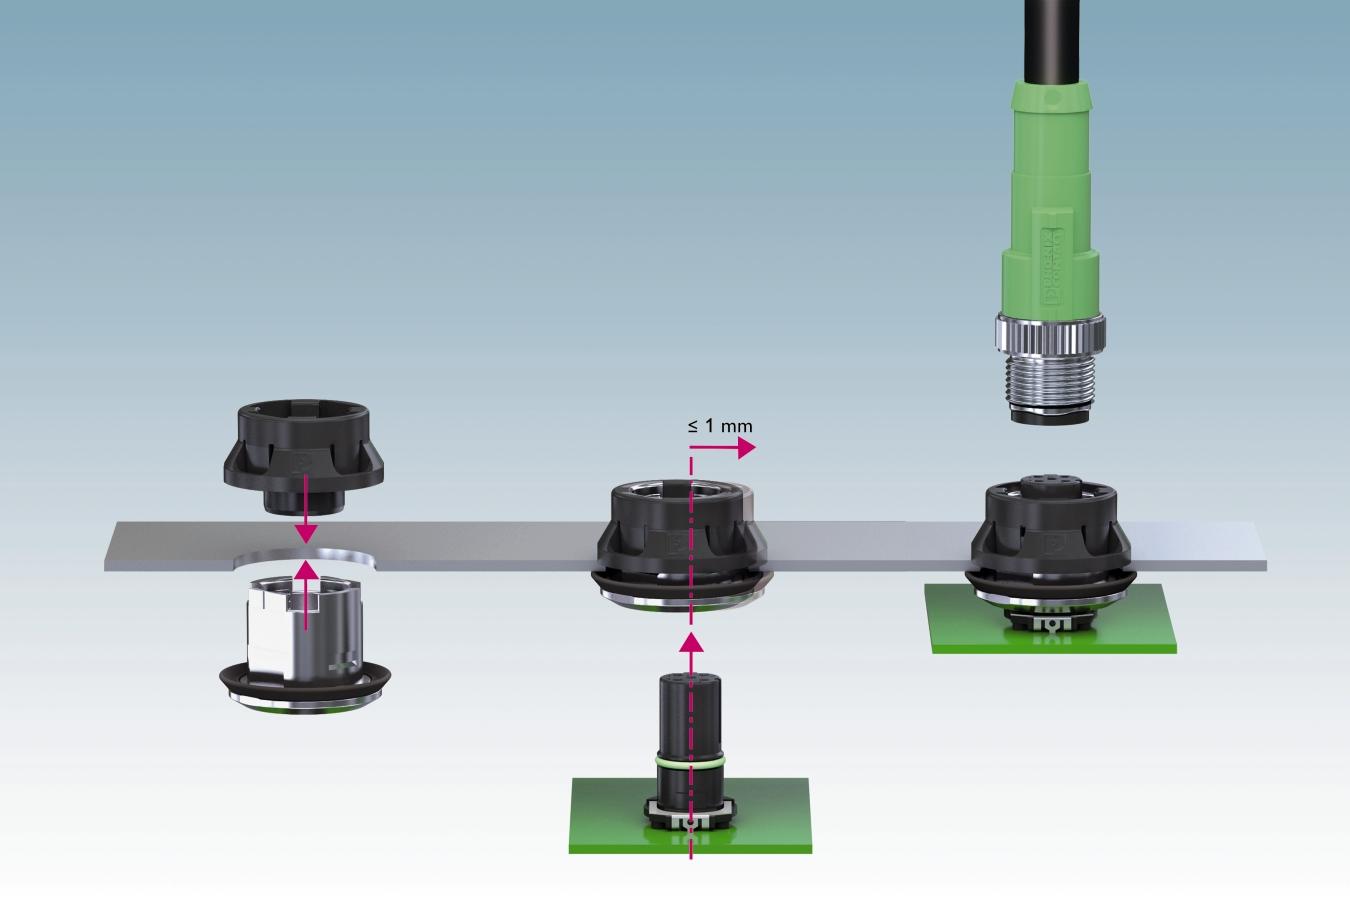 Obudowa samokompensująca tolerancje montażowe pozwala na uniknięcie niebezpiecznych naprężeń w przypadku problemów z uzyskaniem liniowości montażu komponentów na PCB. Dodatkowo dostępne różnokolorowe pierścienie umożliwiają intuicyjną instalację/obsługę urządzenia.